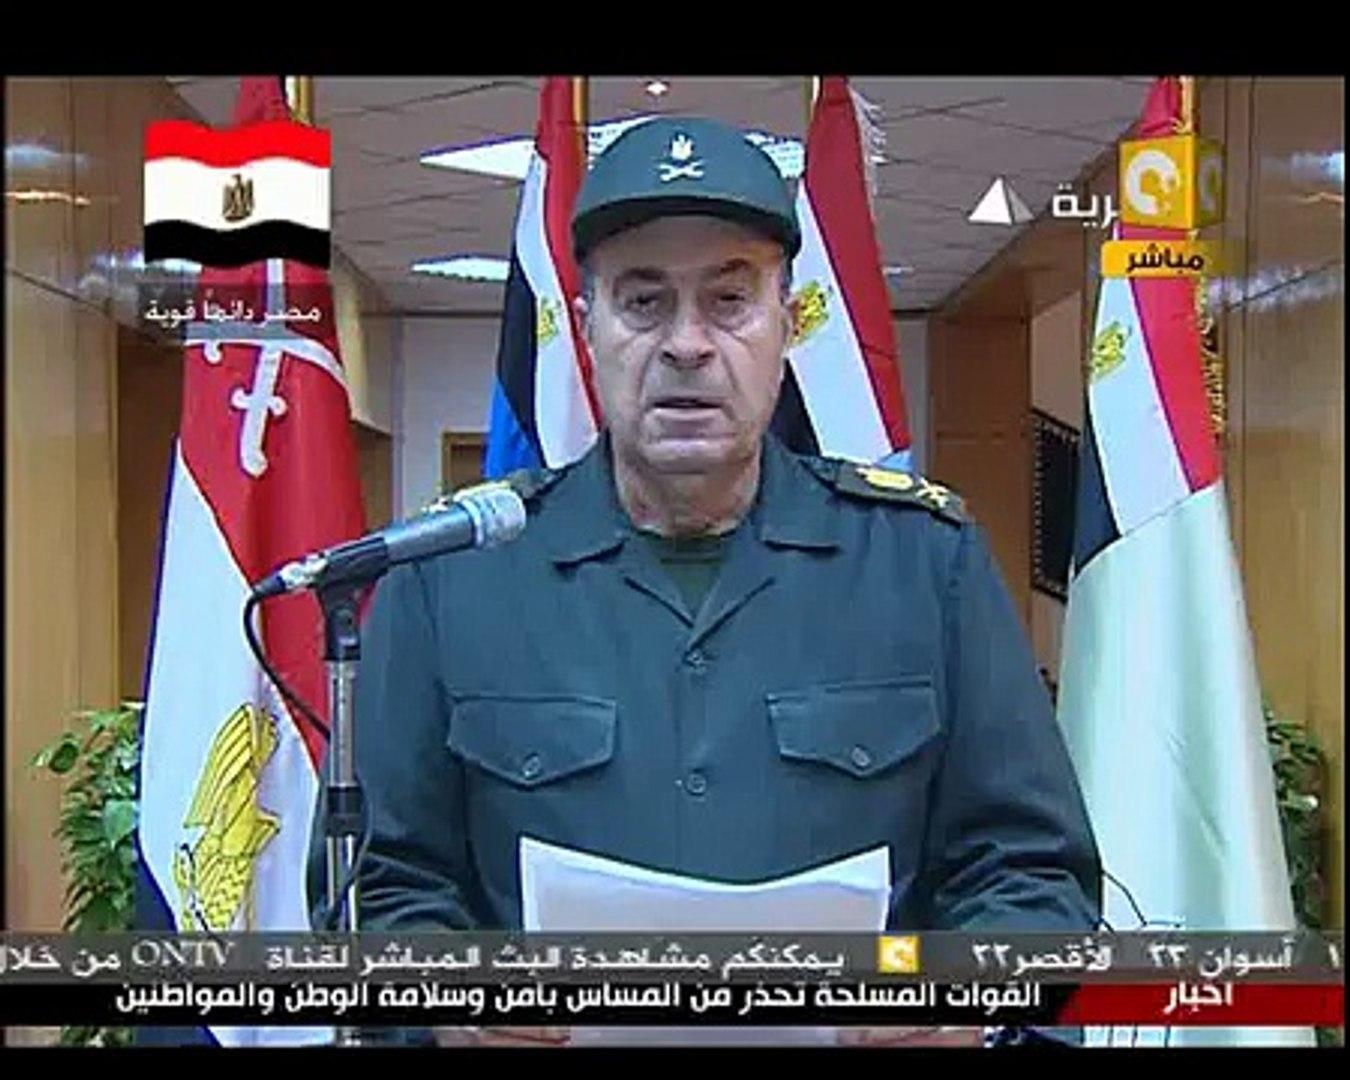 ثورة الغضب 2011 - بيان المجلس الأعلى للقوات المسلحة رقم 3